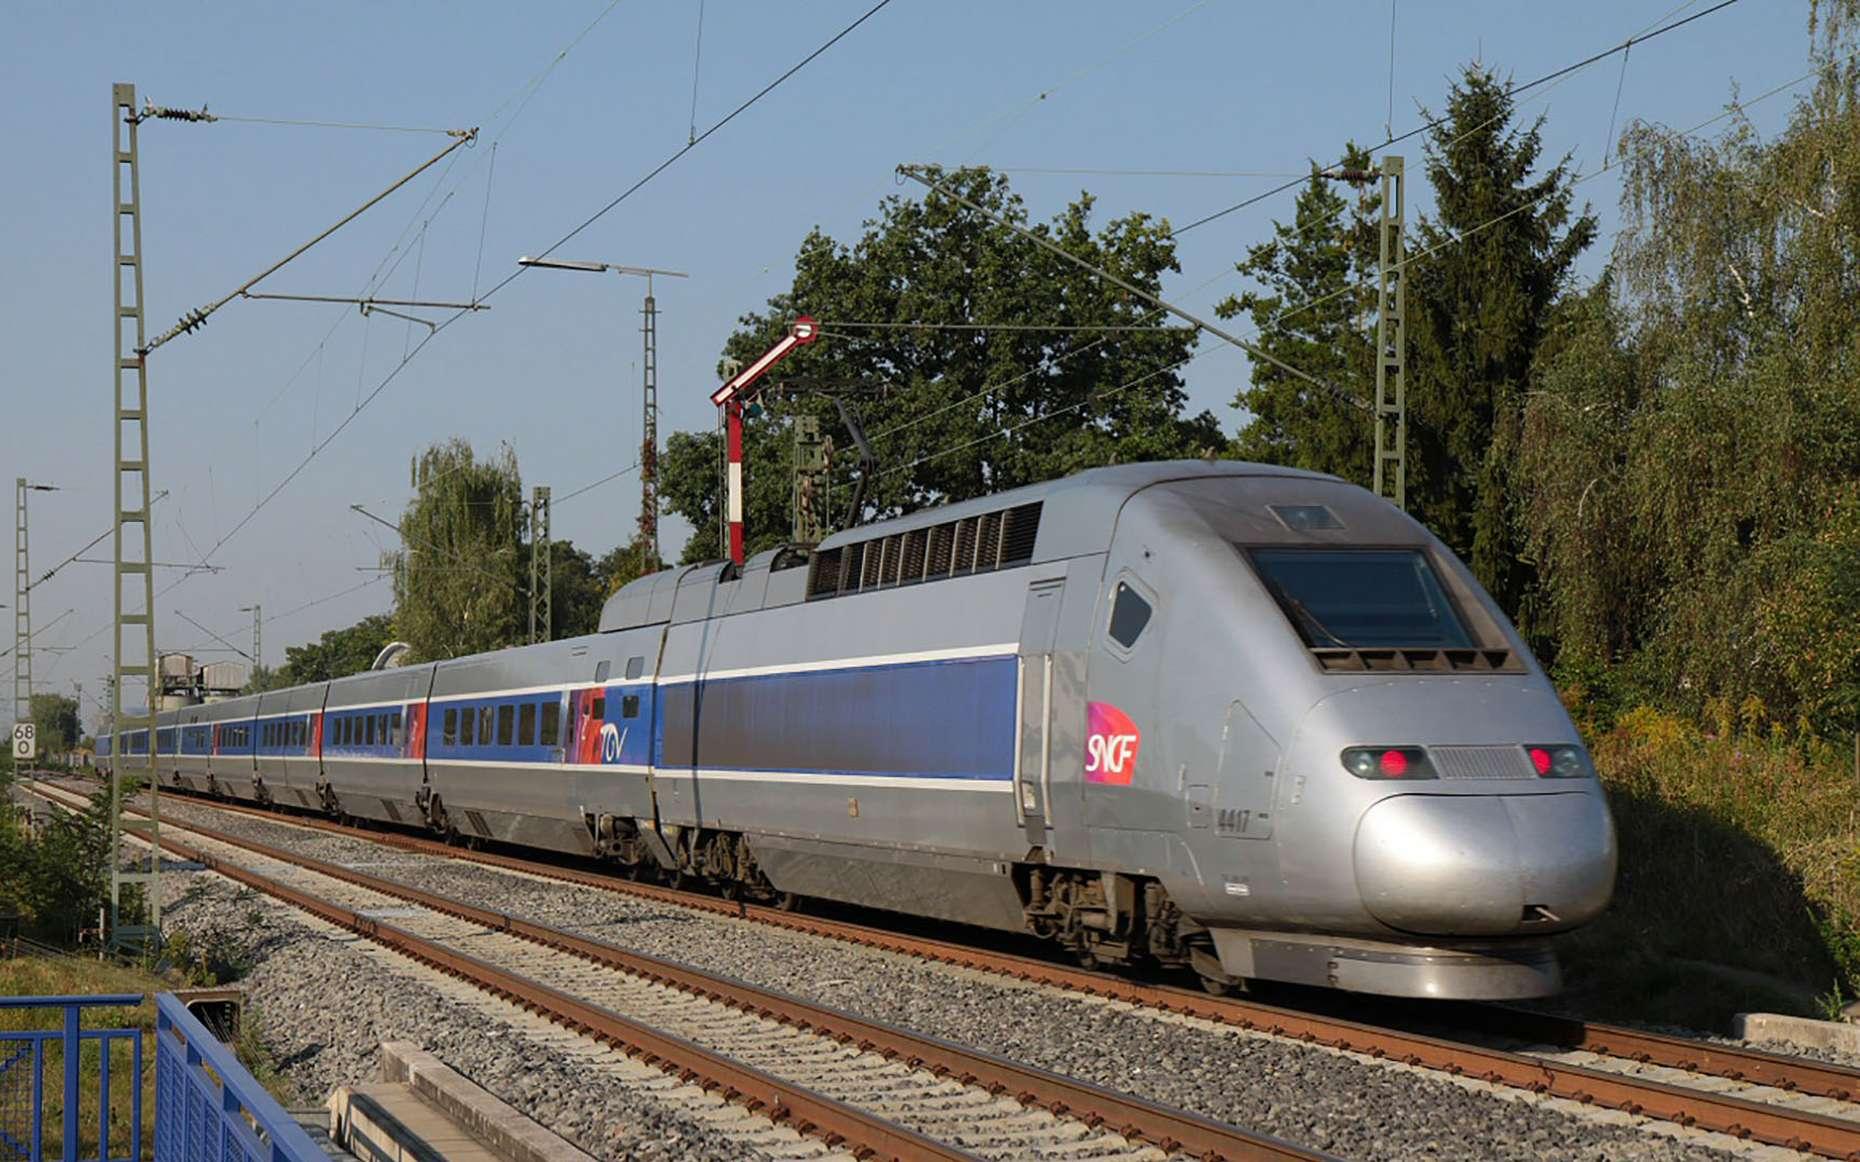 Le train est bénéfique pour la Planète. © Norbert Hüttisch, Karlsruhe, Wikimedia Commons, CC 3.0